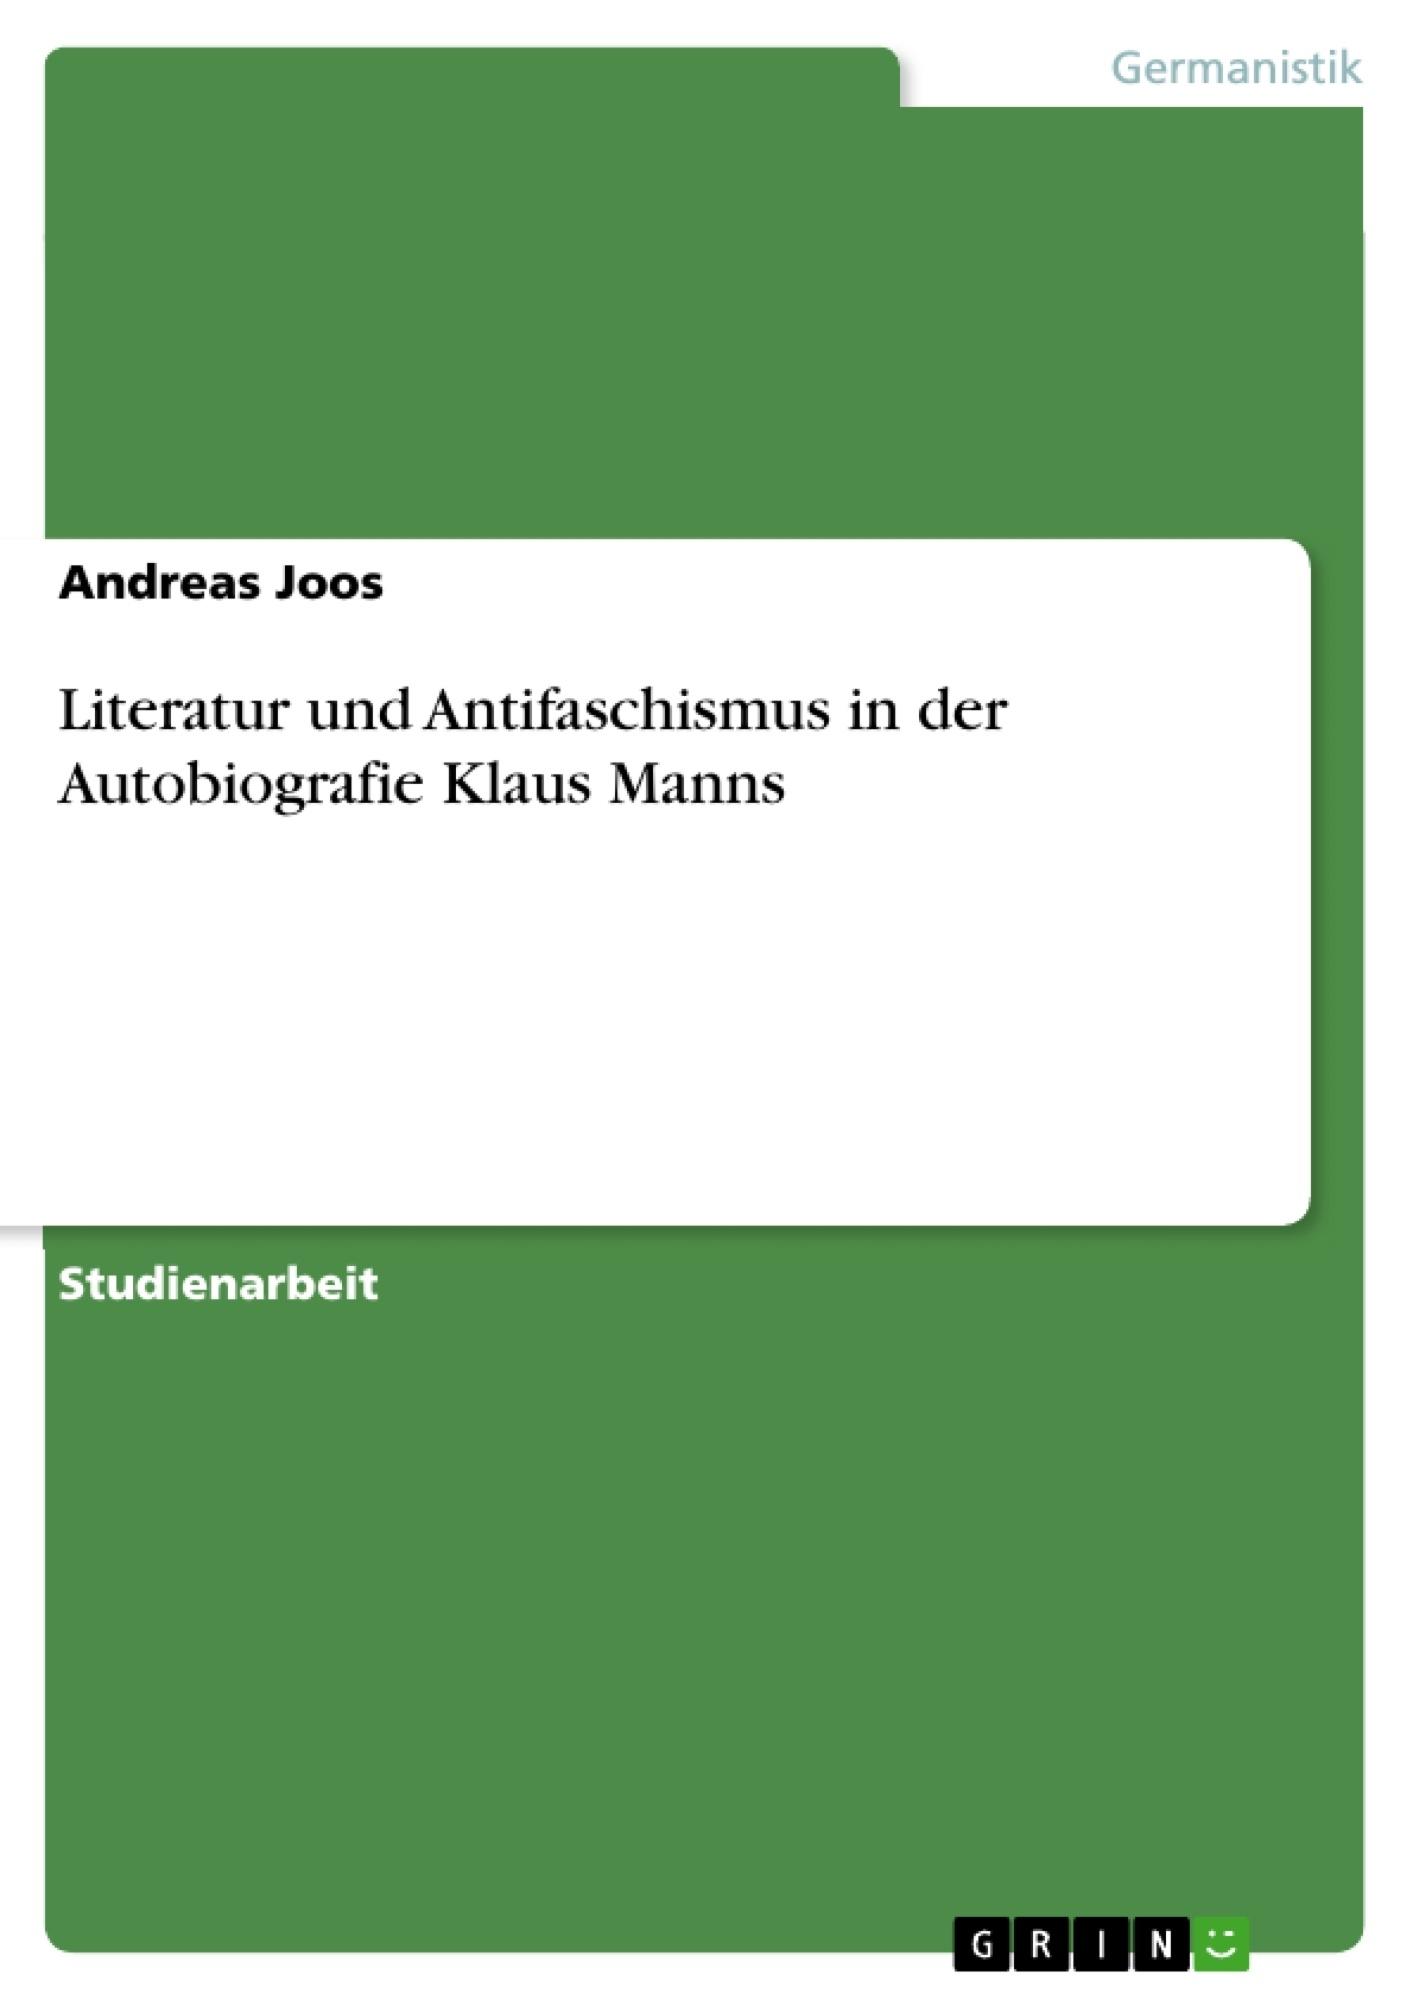 Titel: Literatur und Antifaschismus in der Autobiografie Klaus Manns